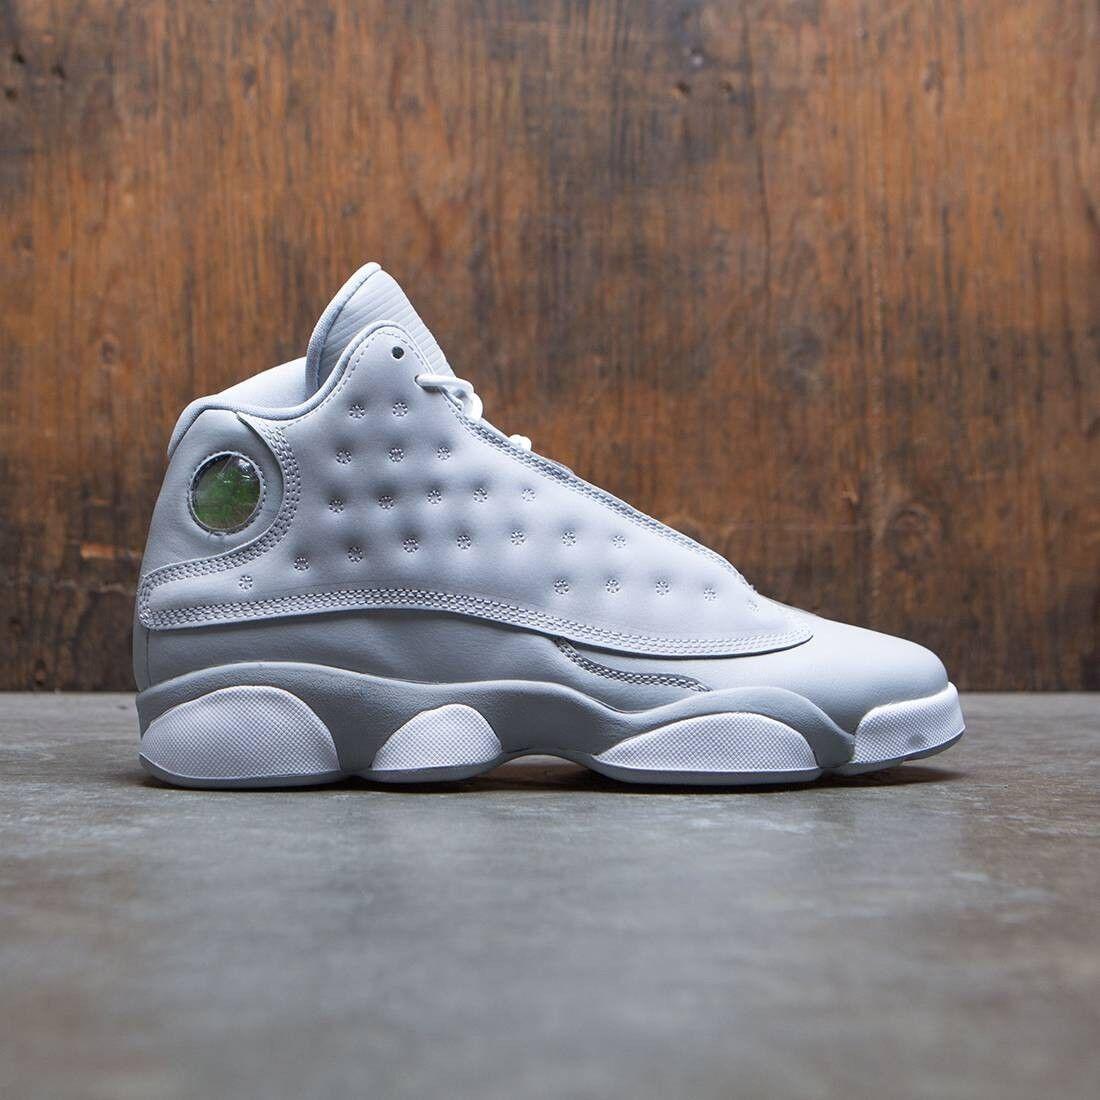 Nike Air Jordan 13 XIII Retro Wolf Grey Size 8y. 439358-018 8.5